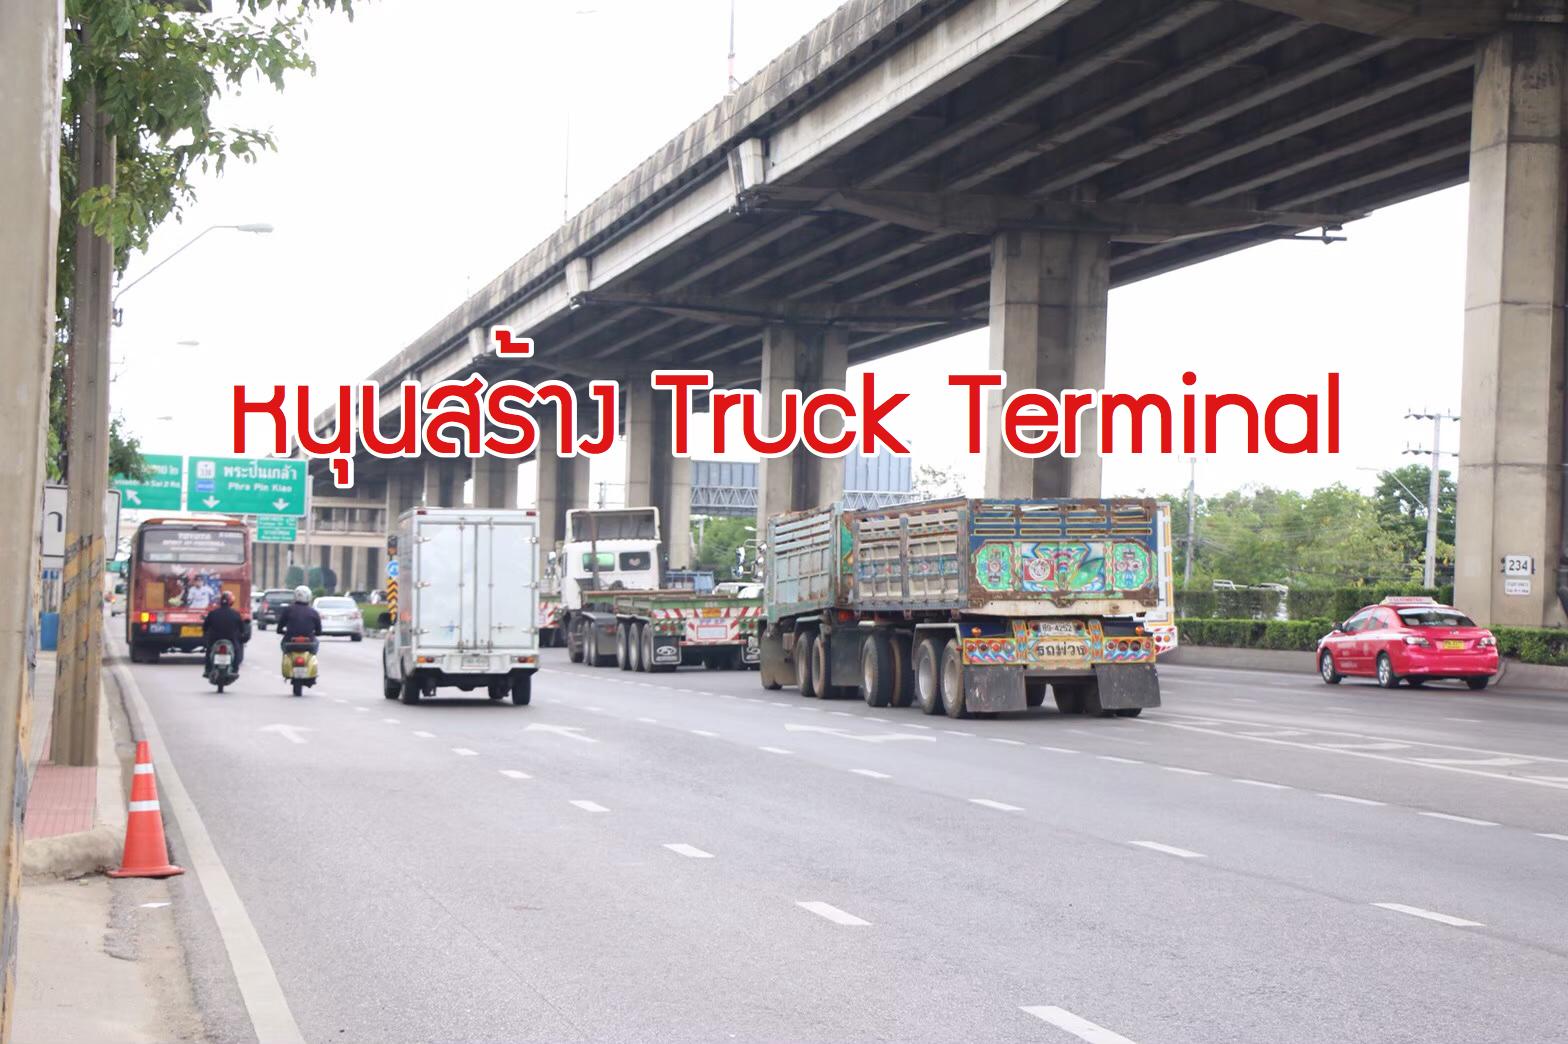 'ผู้ประกอบการรถบรรทุก' จ่อเสนอ 'ศักดิ์สยาม' สร้าง Truck Terminal รอบกรุงเทพฯ-ปริมณฑล